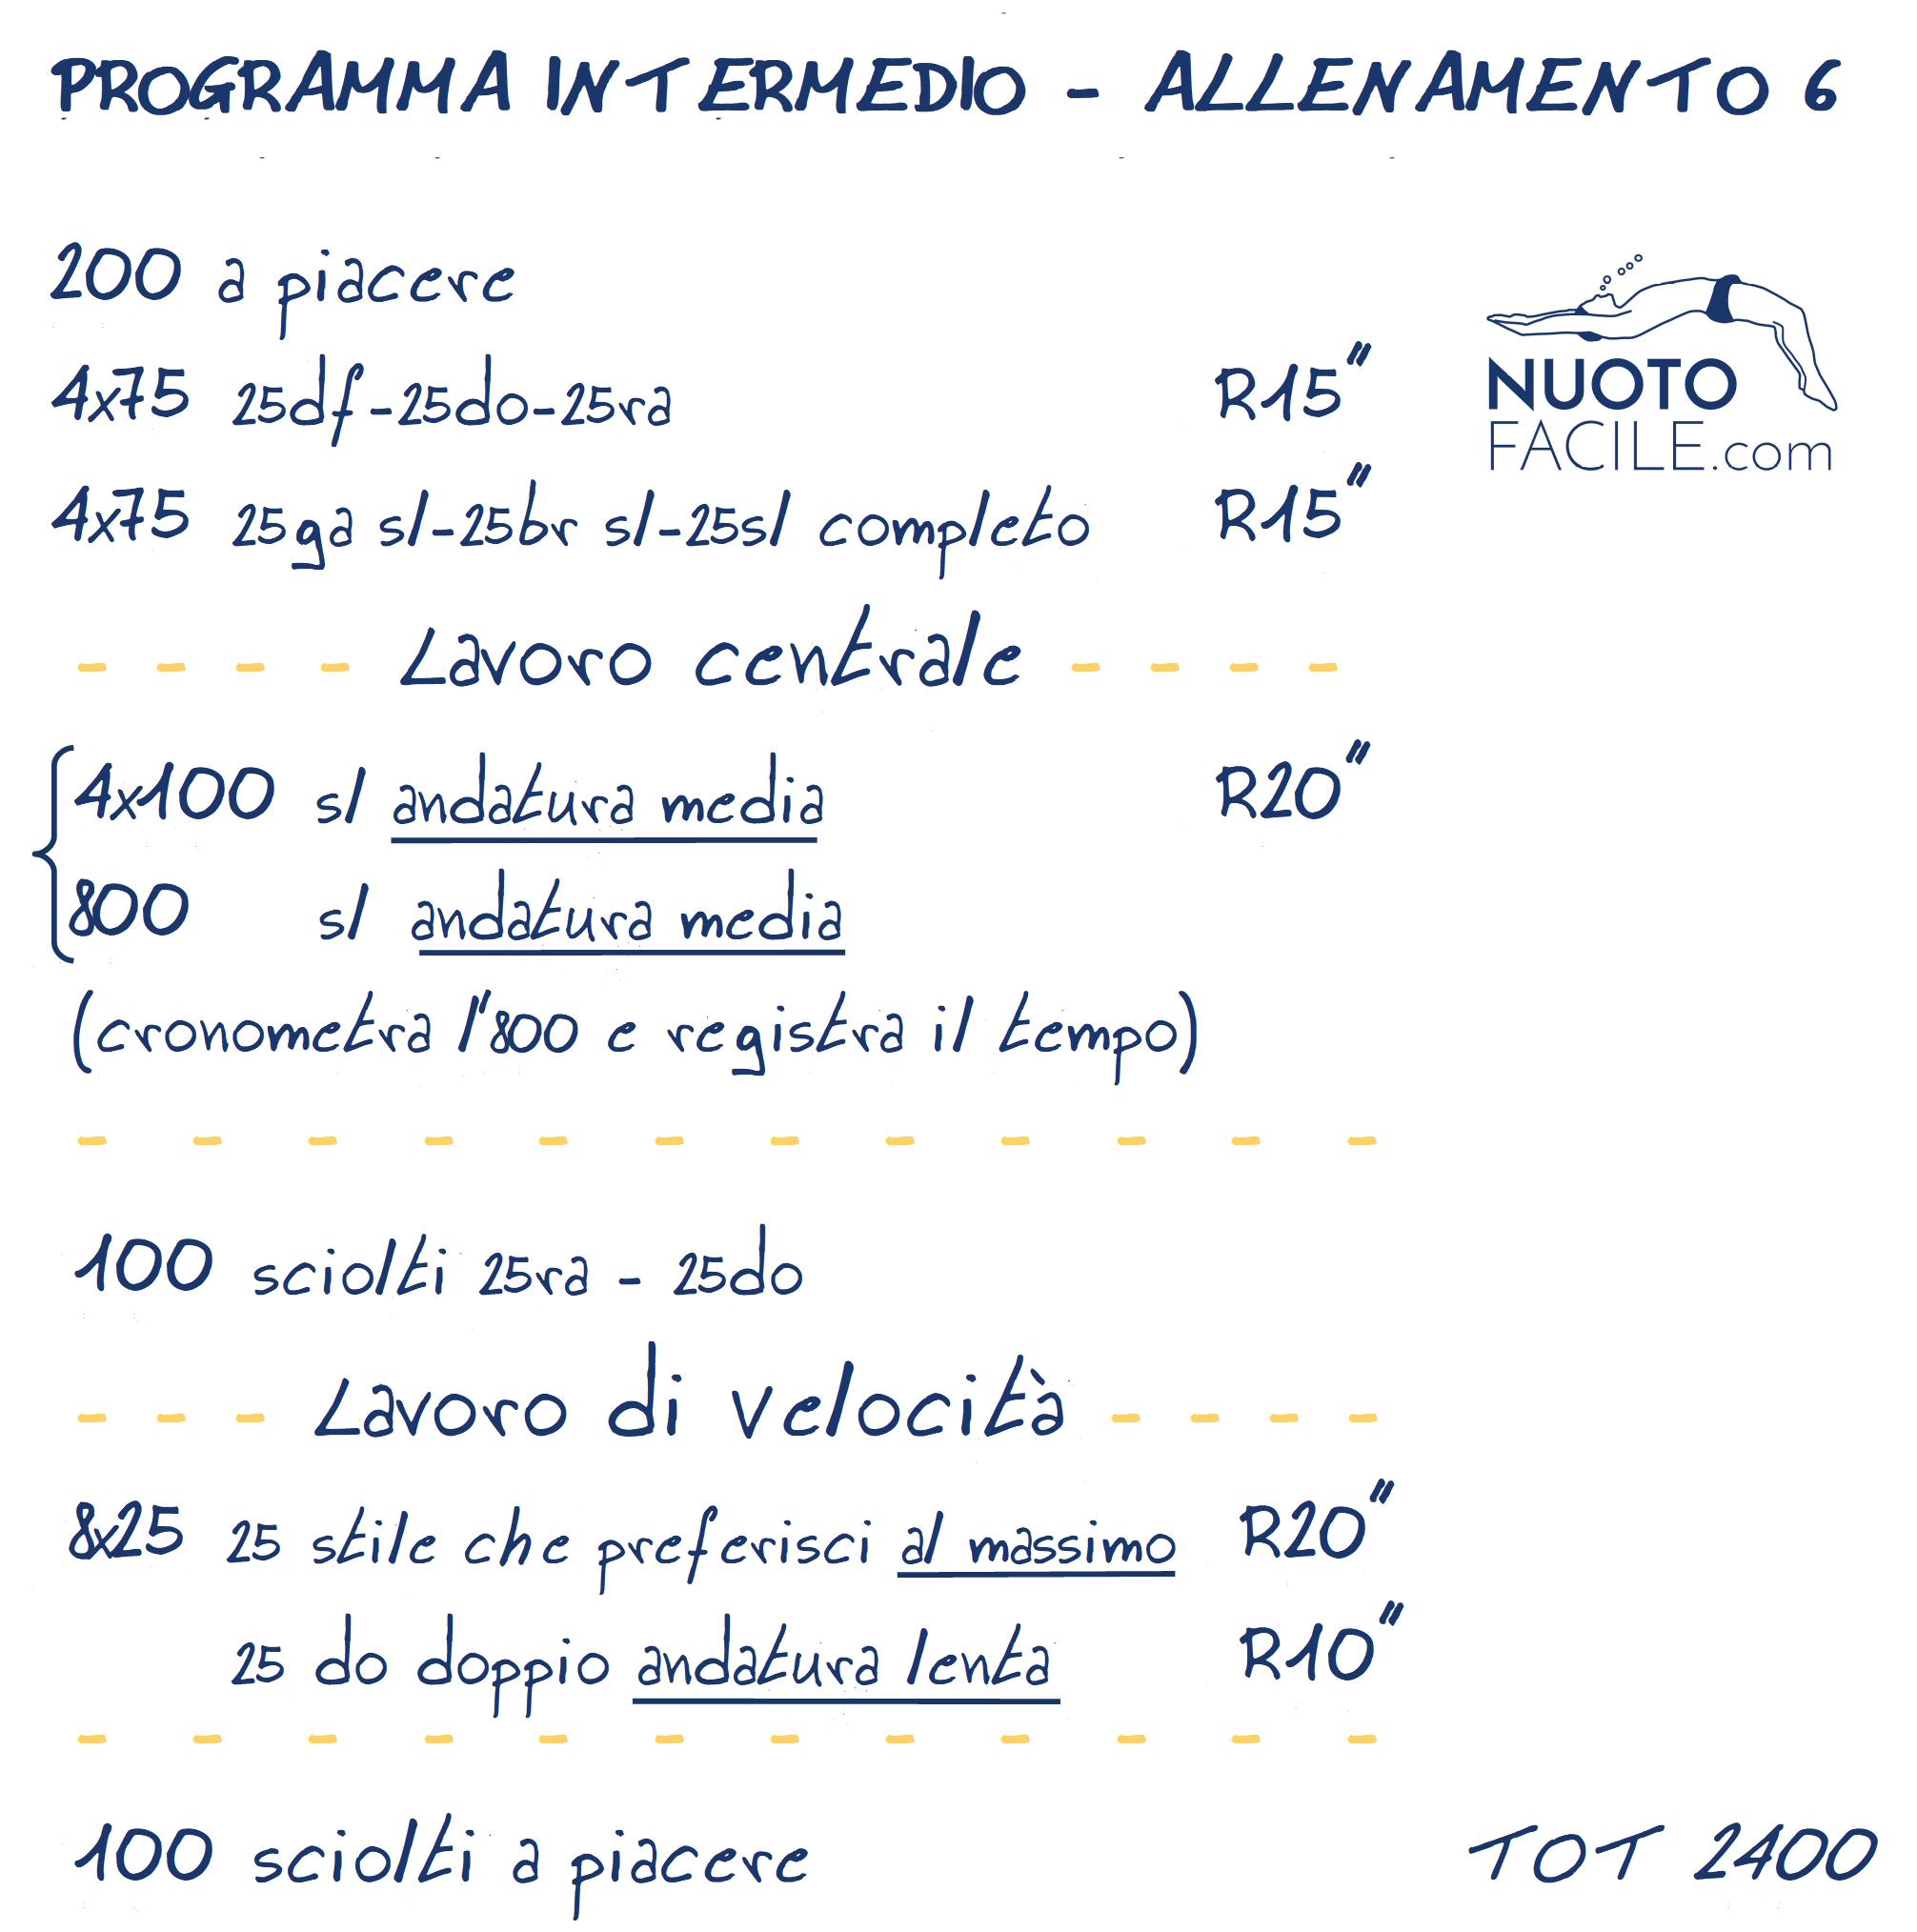 Programma di allenamento intermedio Nuoto Facile - allenamento 6